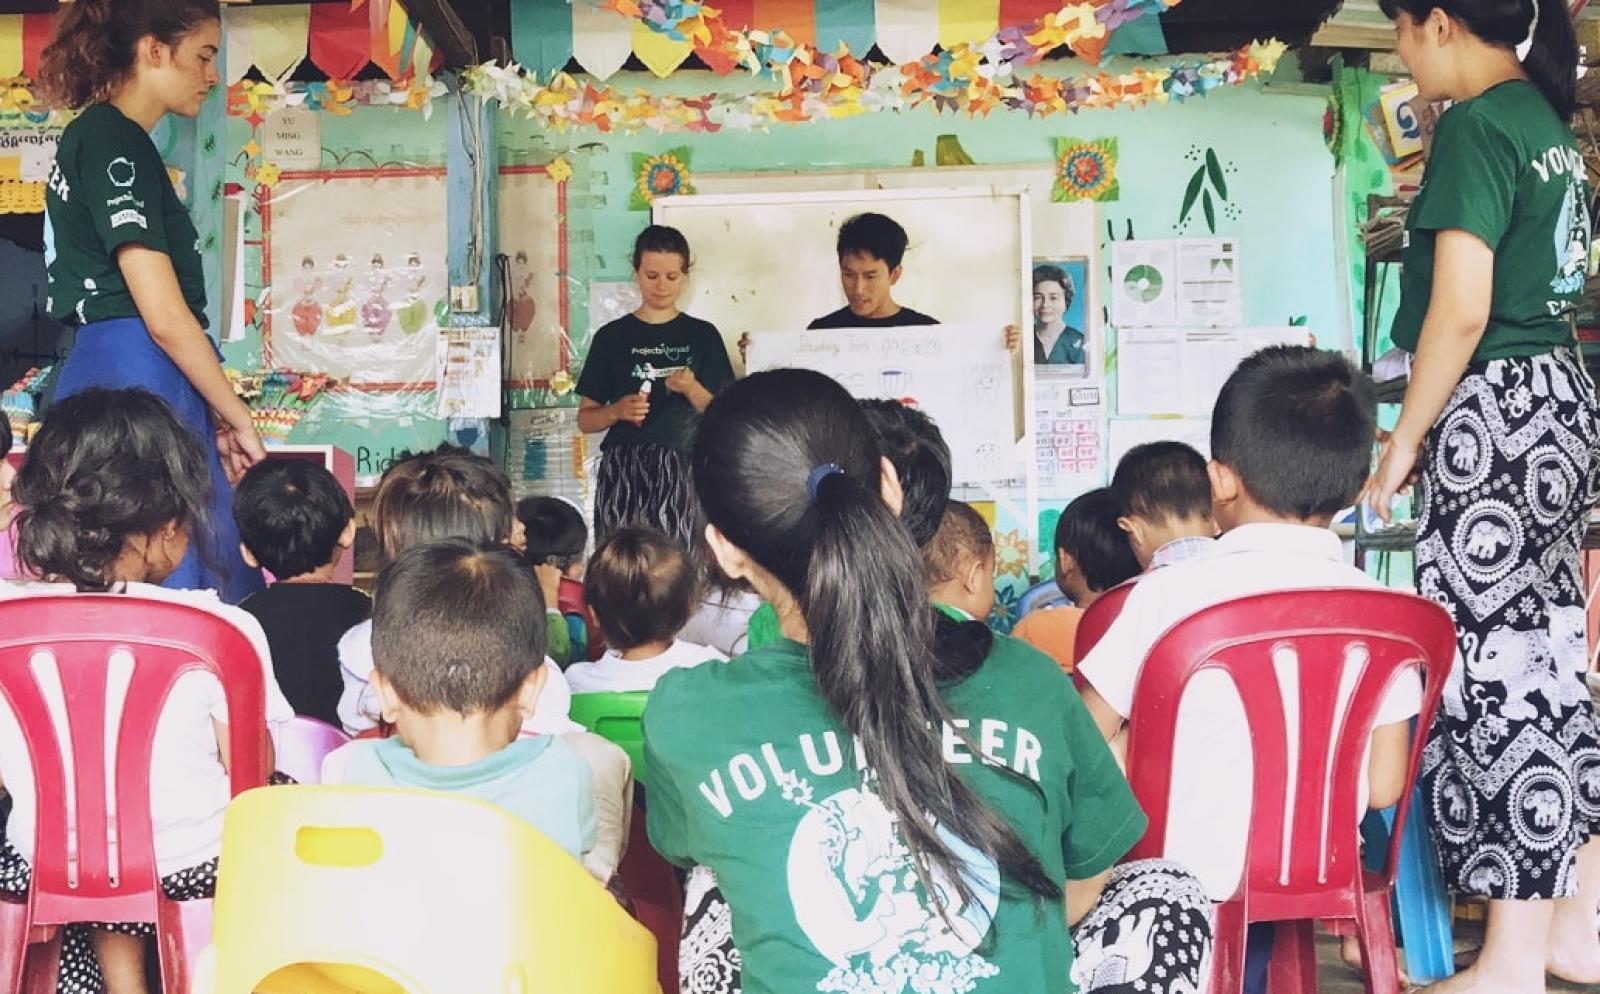 カンボジアの幼い子供たちに歯磨き指導を行う高校生ボランティアたち